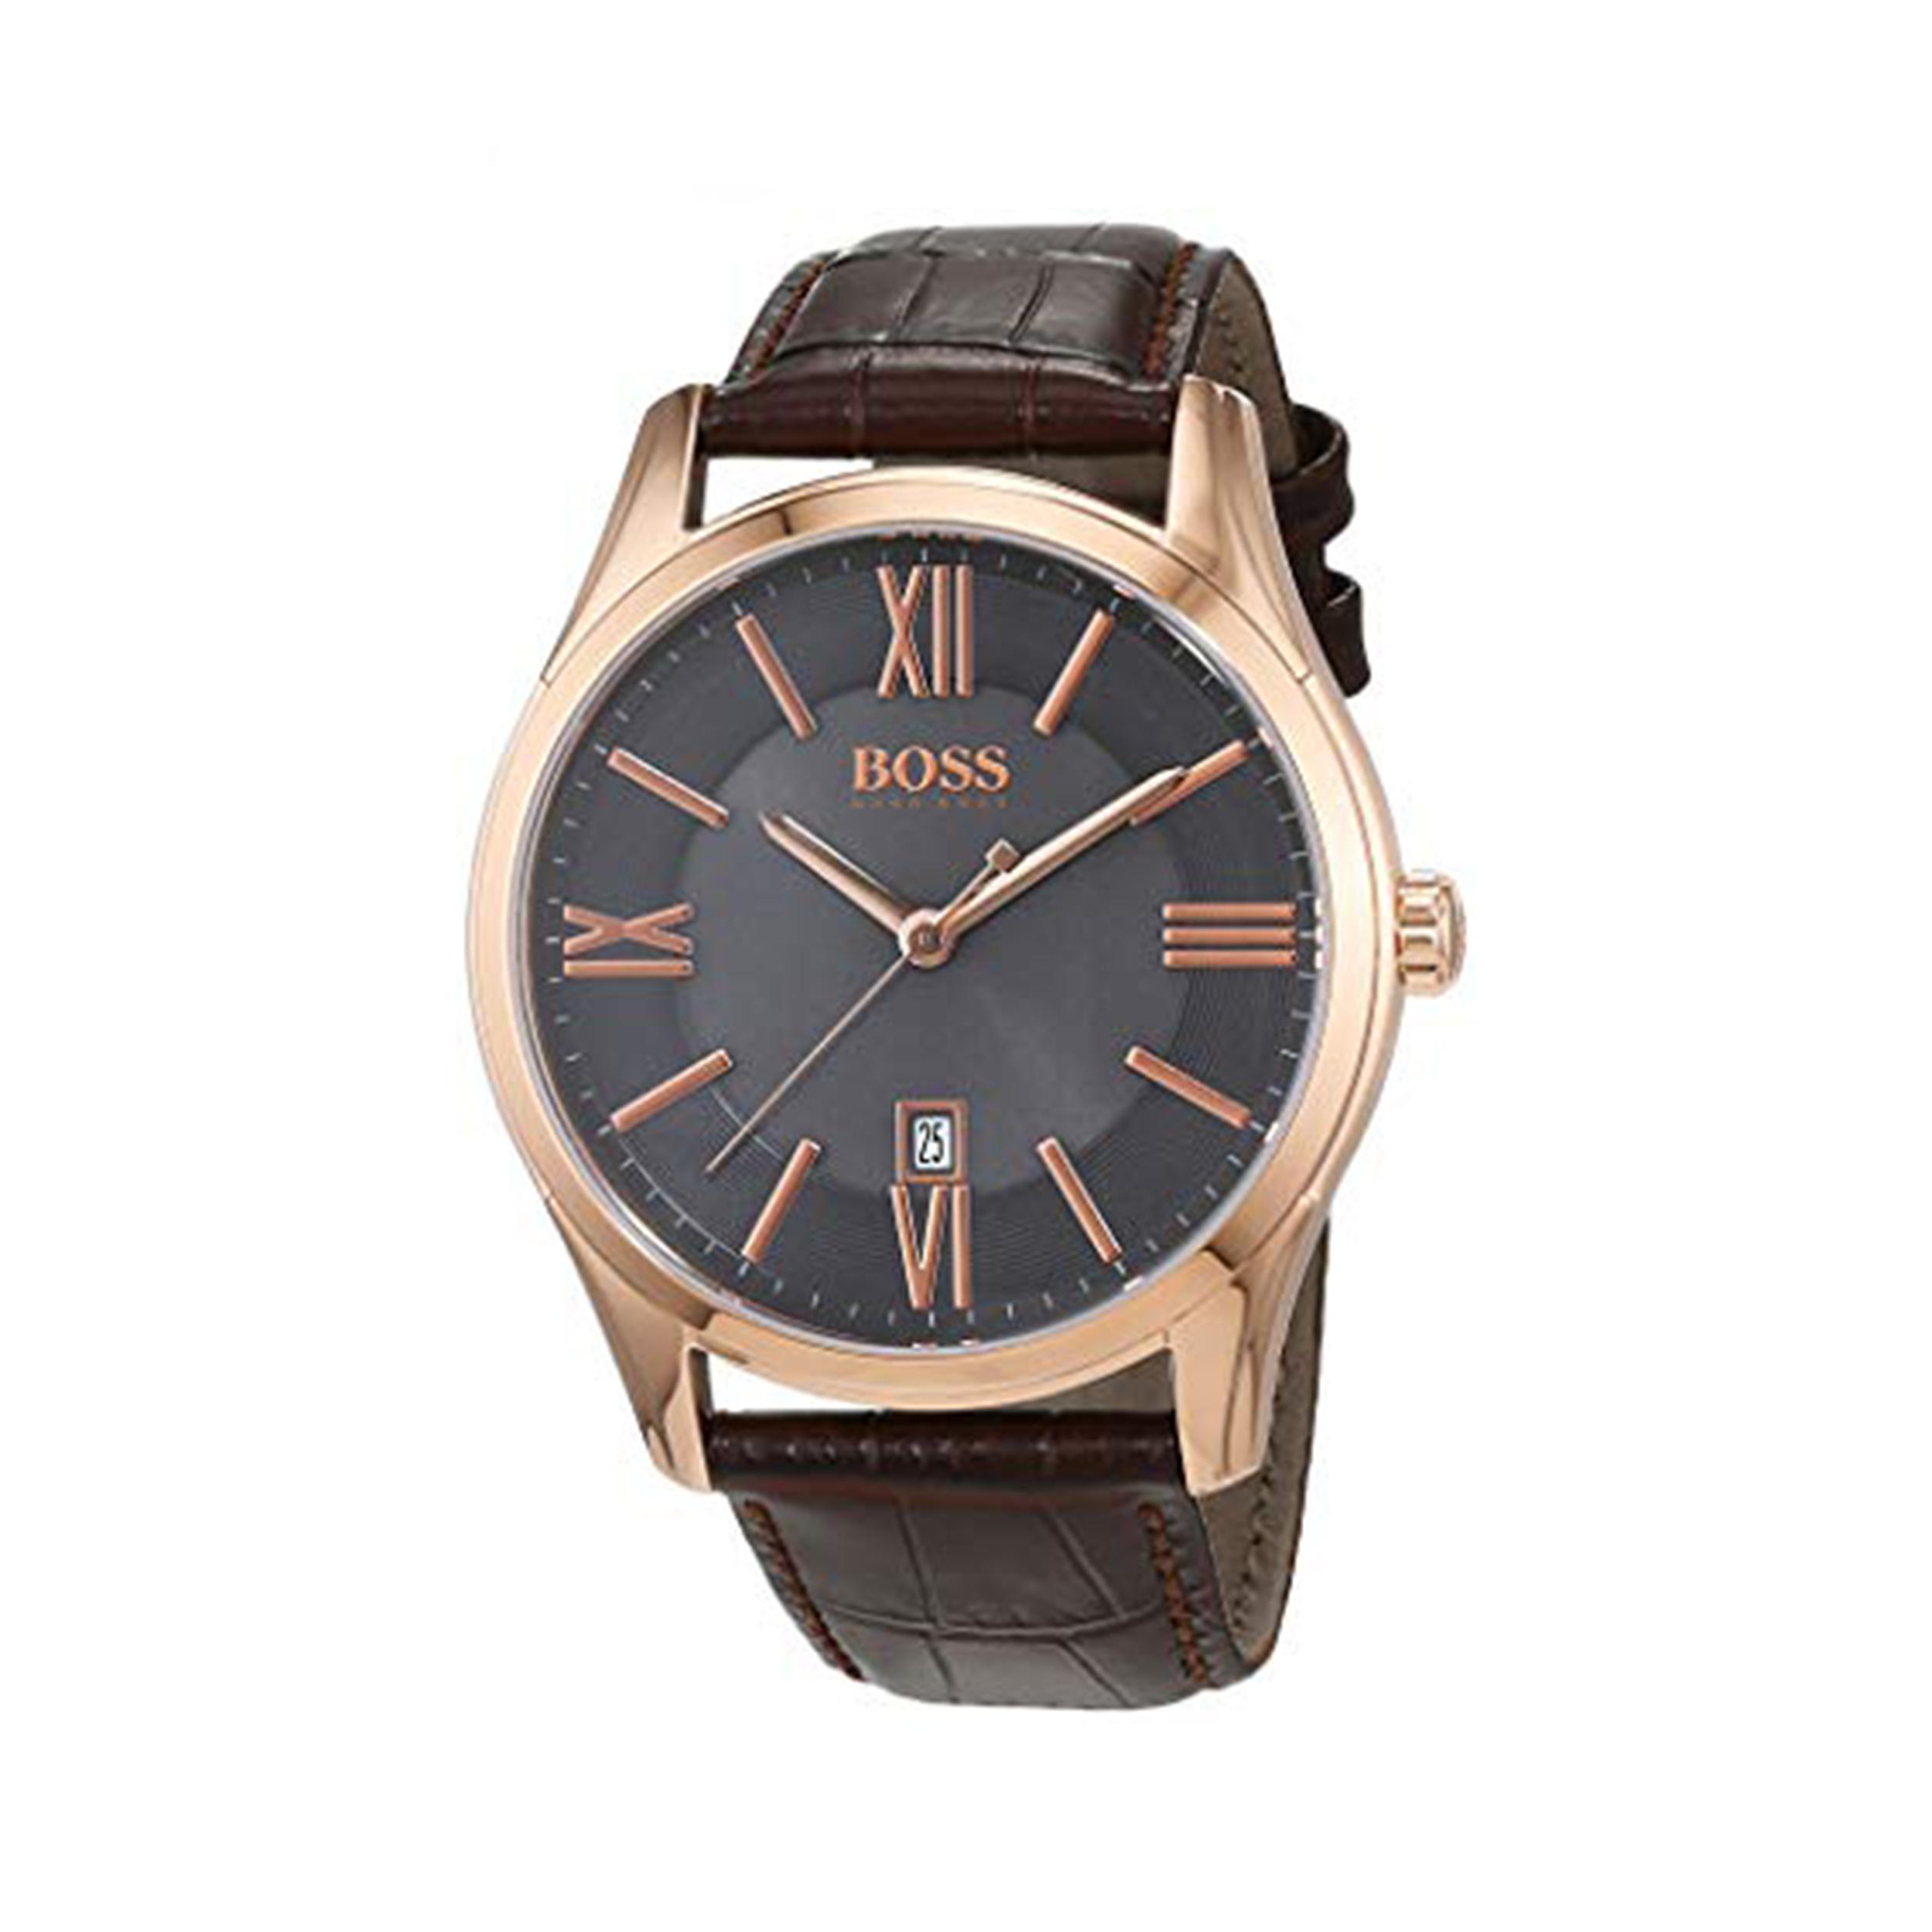 ساعت مچی عقربه ای مردانه هوگو باس مدل 1513387